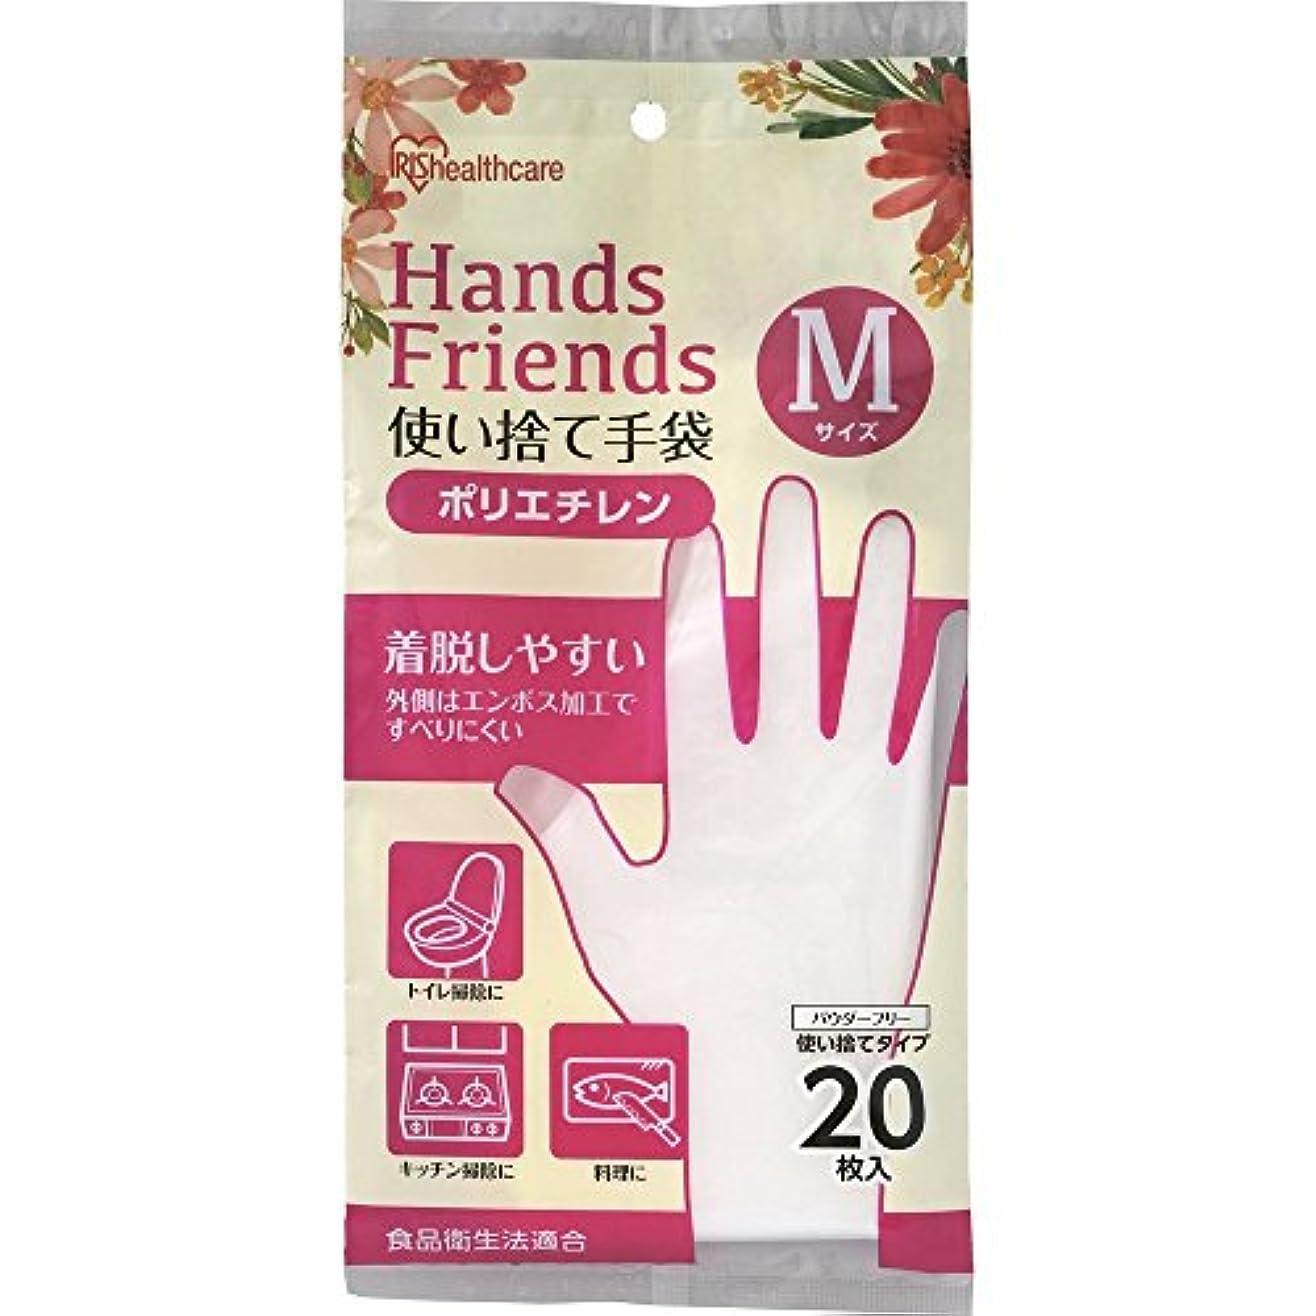 長椅子横たわるサイト使い捨て手袋 ポリエチレン手袋 Mサイズ 粉なし パウダーフリー クリア 20枚入